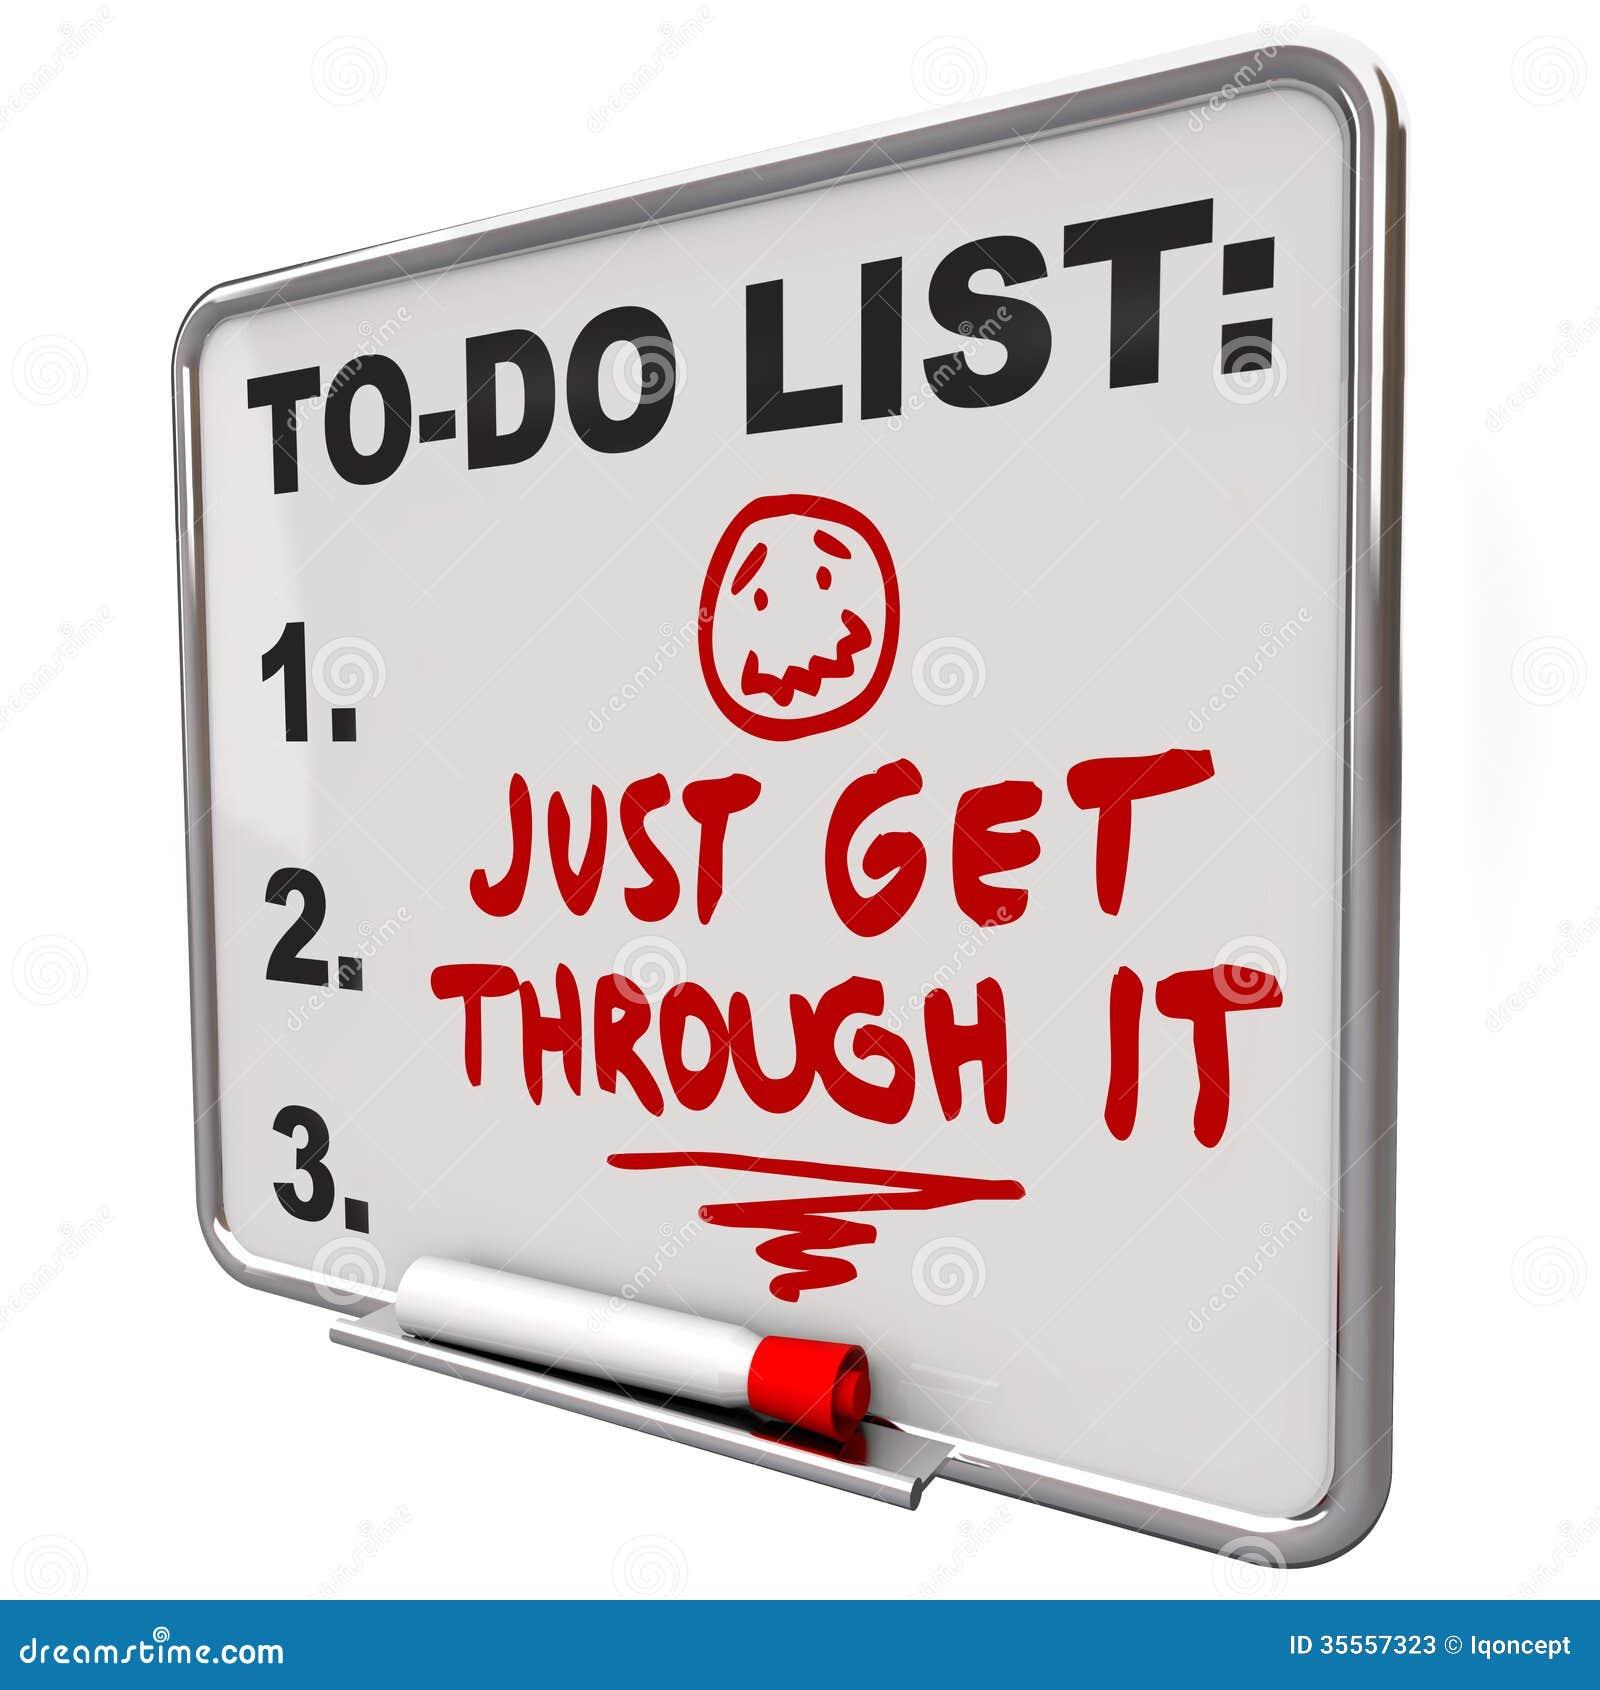 Get: Just Get Through It Determination Encouraging Message